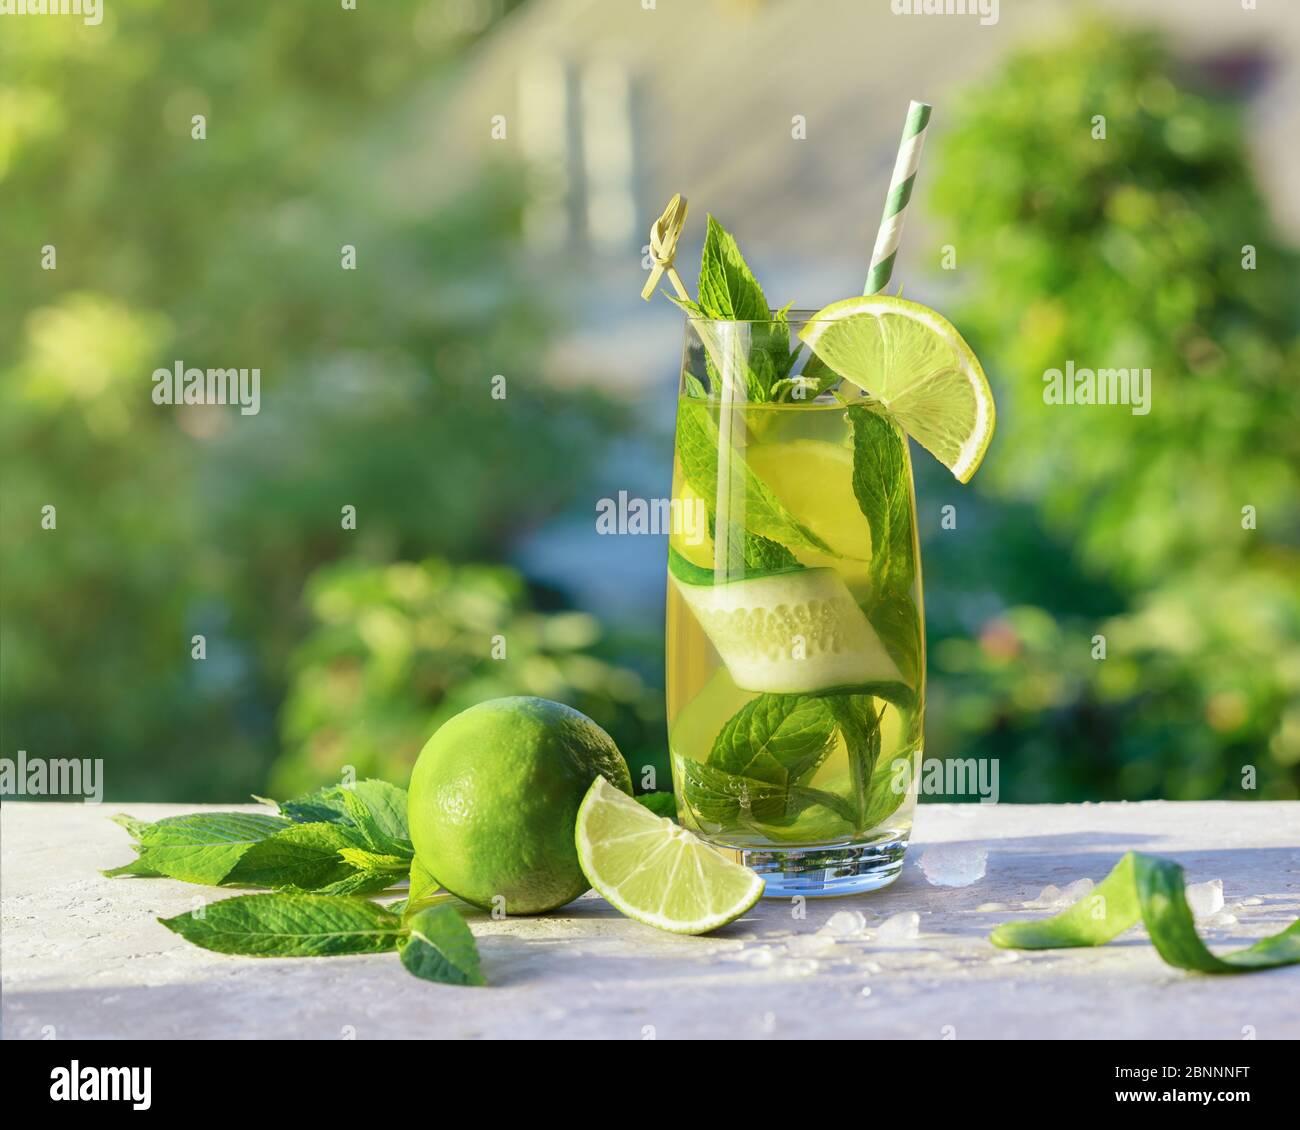 Limonade ou cocktail mojito avec citron vert, concombre et menthe, boisson rafraîchissante froide ou boisson avec glace, extérieur. Eau froide de détox avec du citron et du papier Banque D'Images